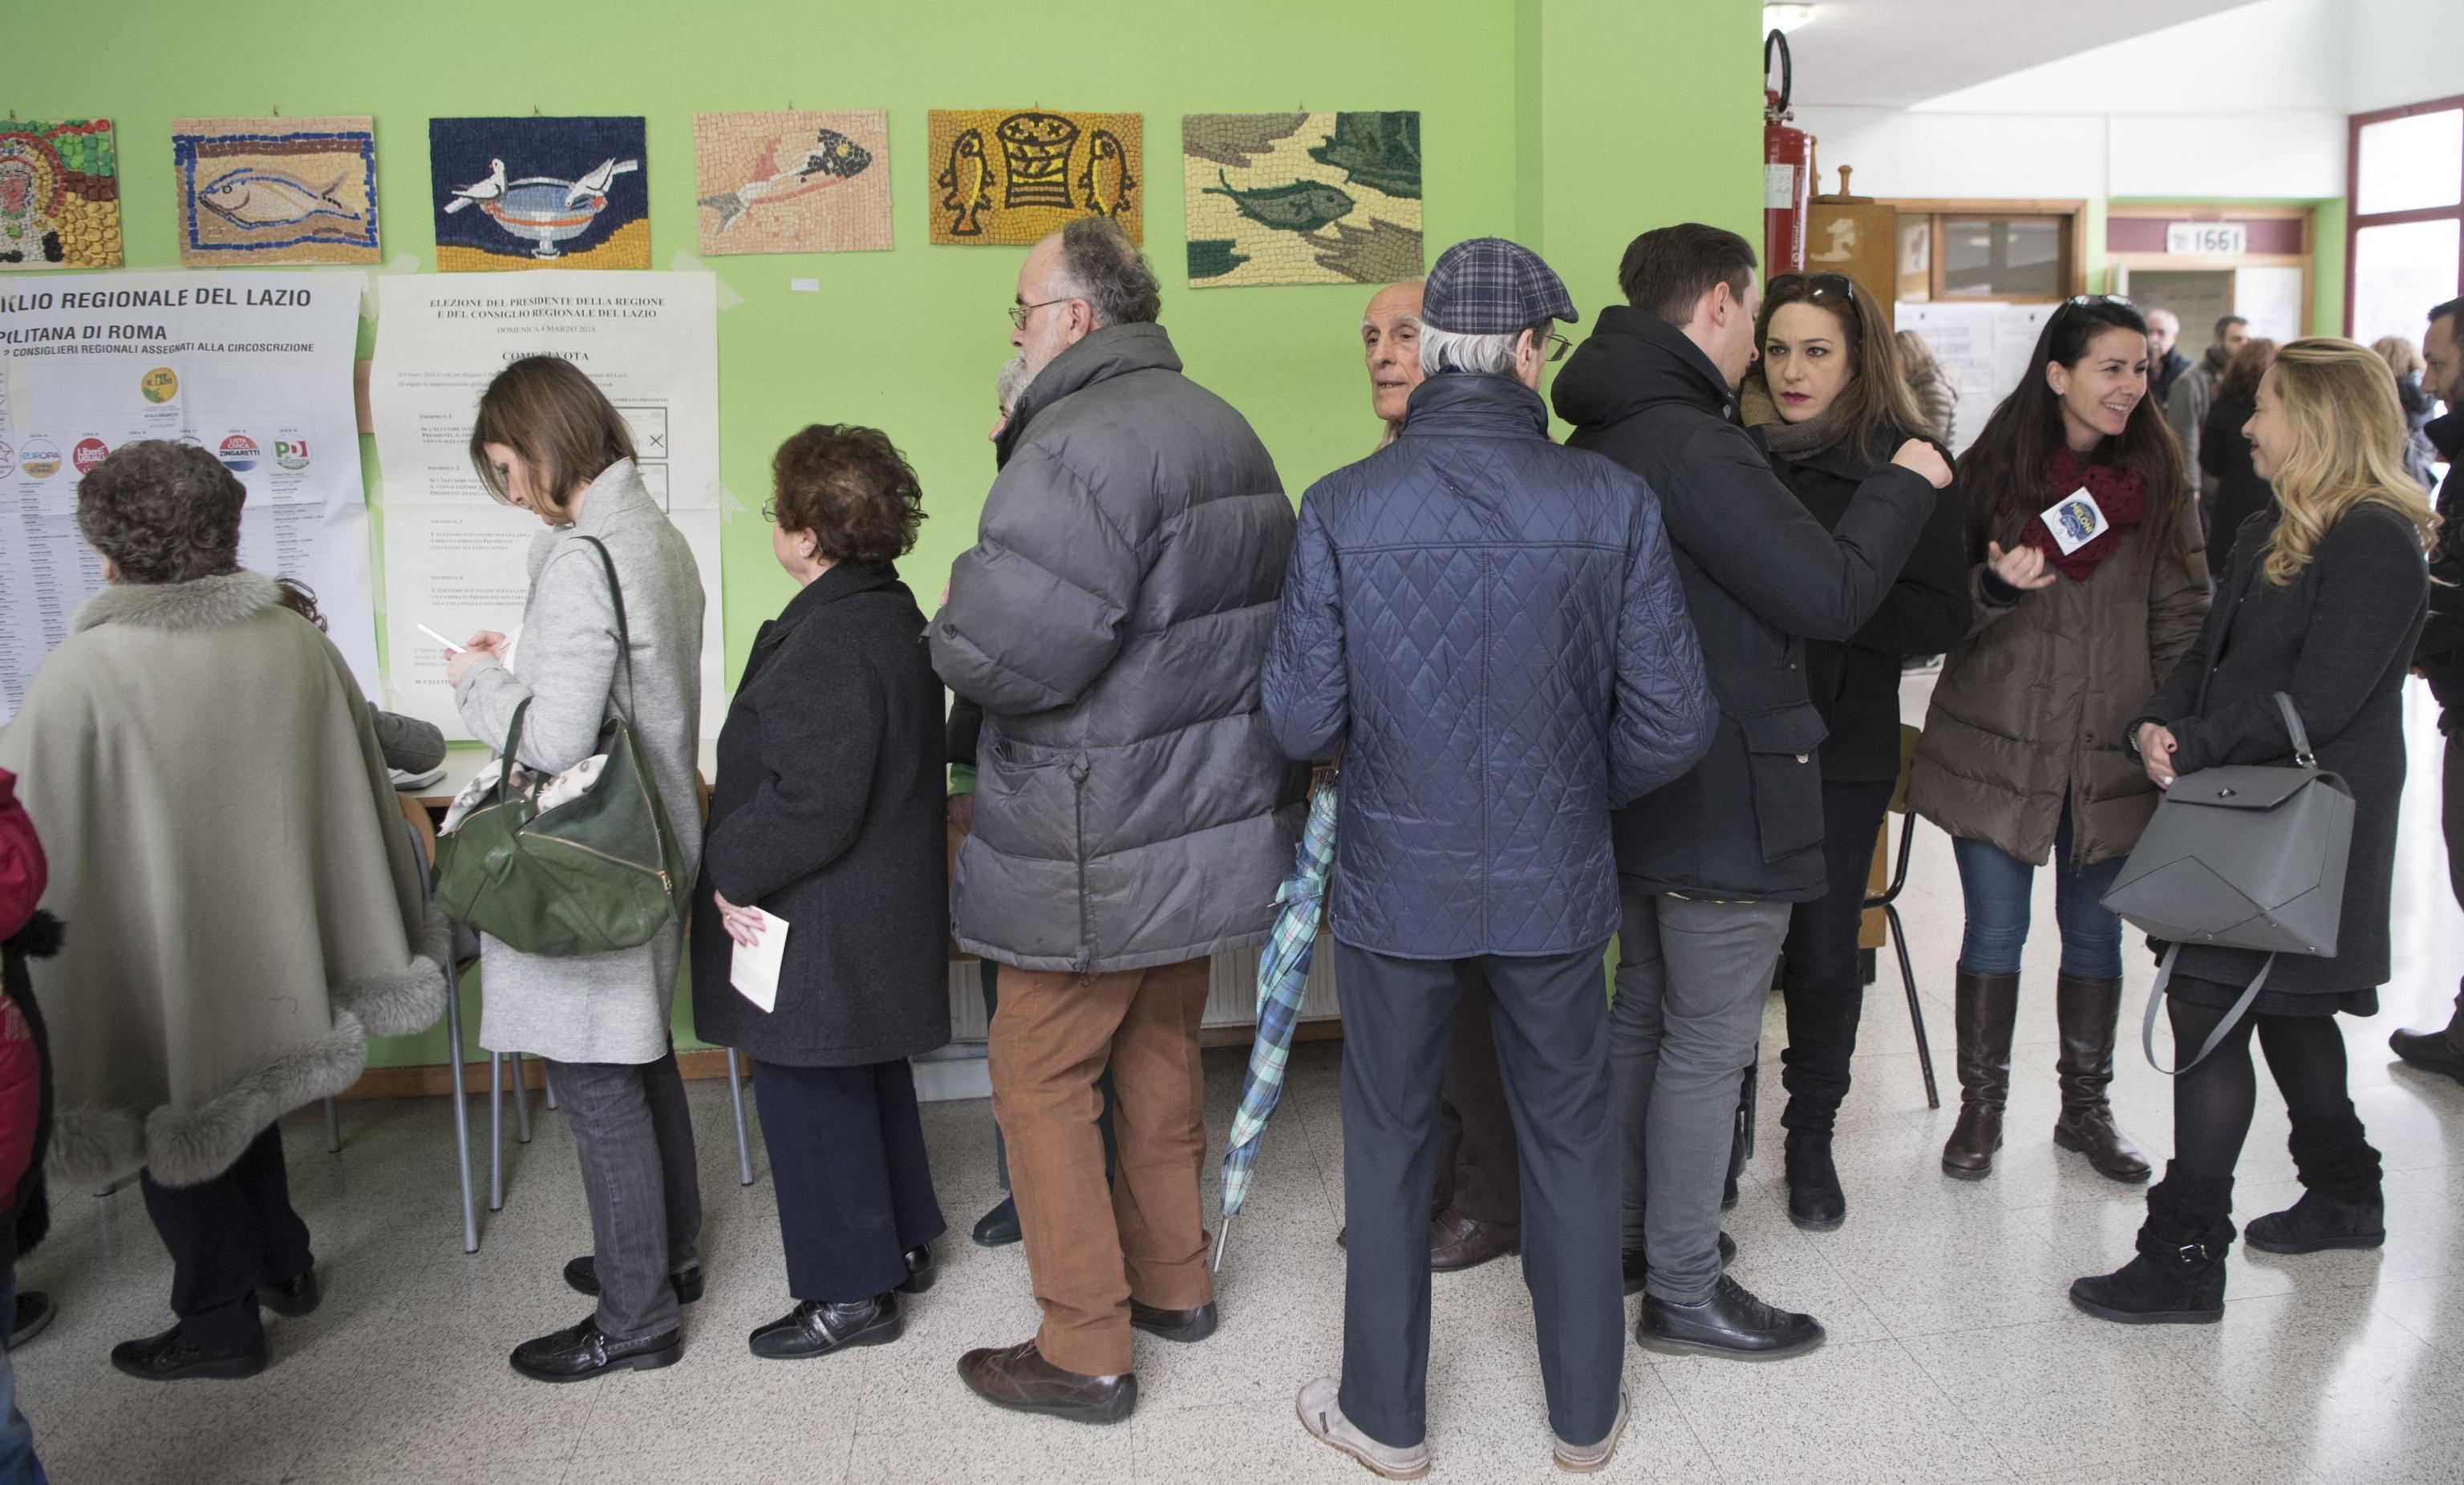 Elezioni 2018, le immagini delle code ai seggi